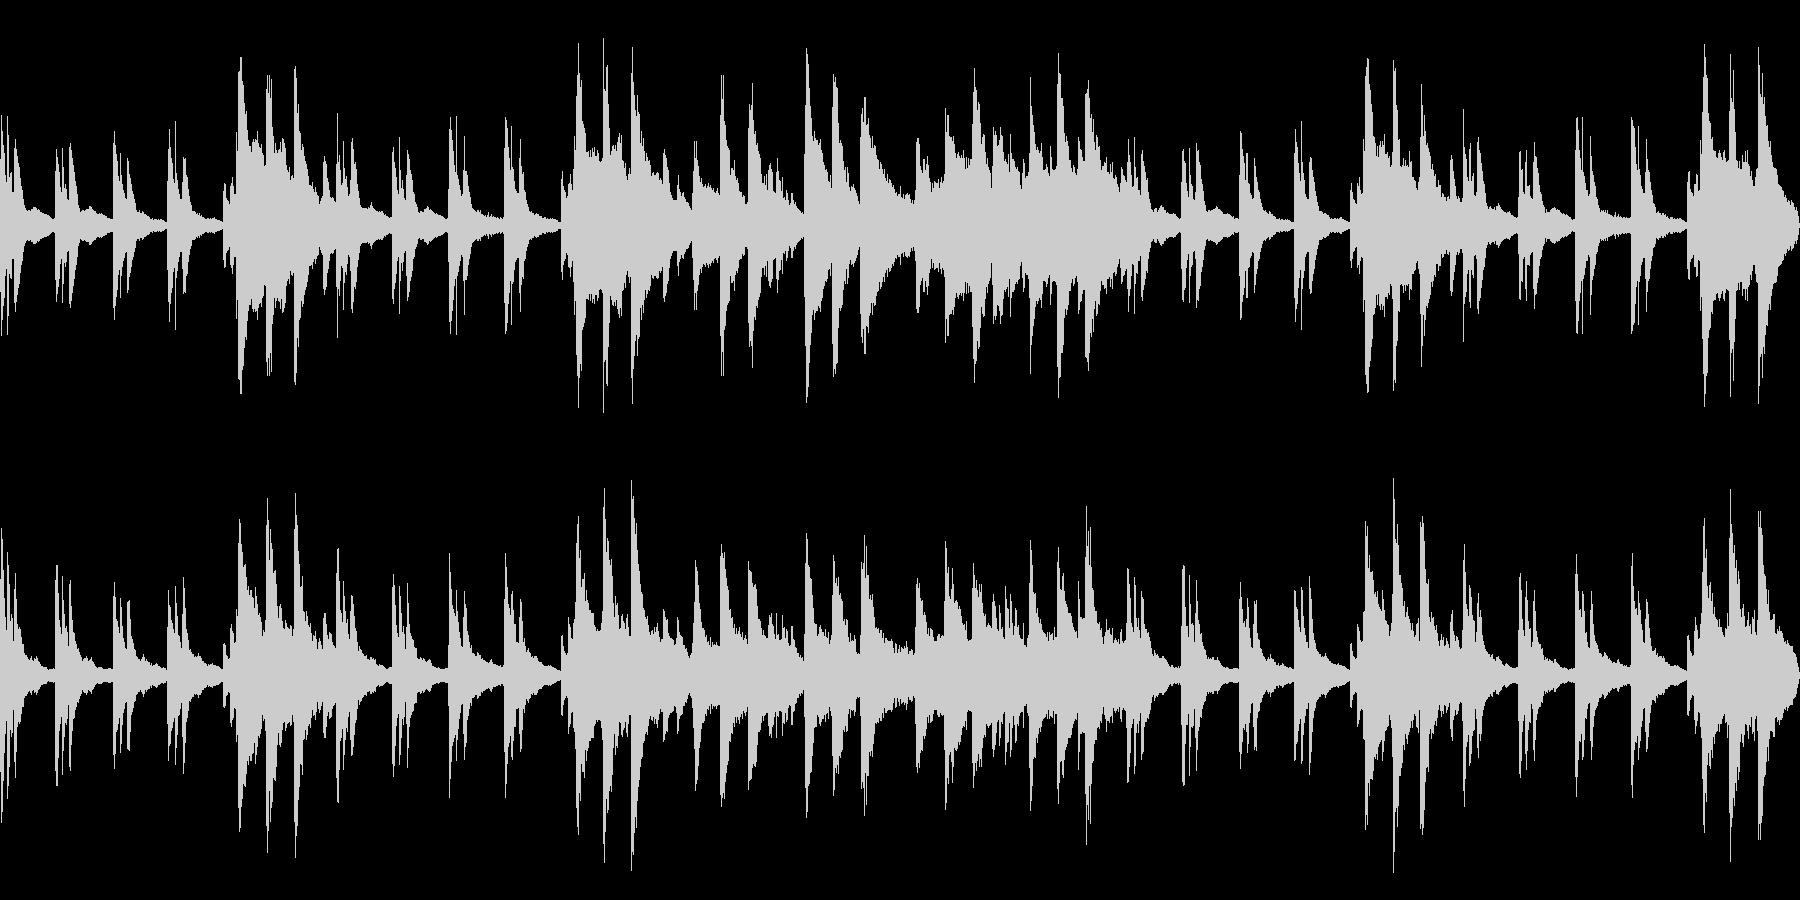 静寂の中で流れる神秘的なピアノloopの未再生の波形